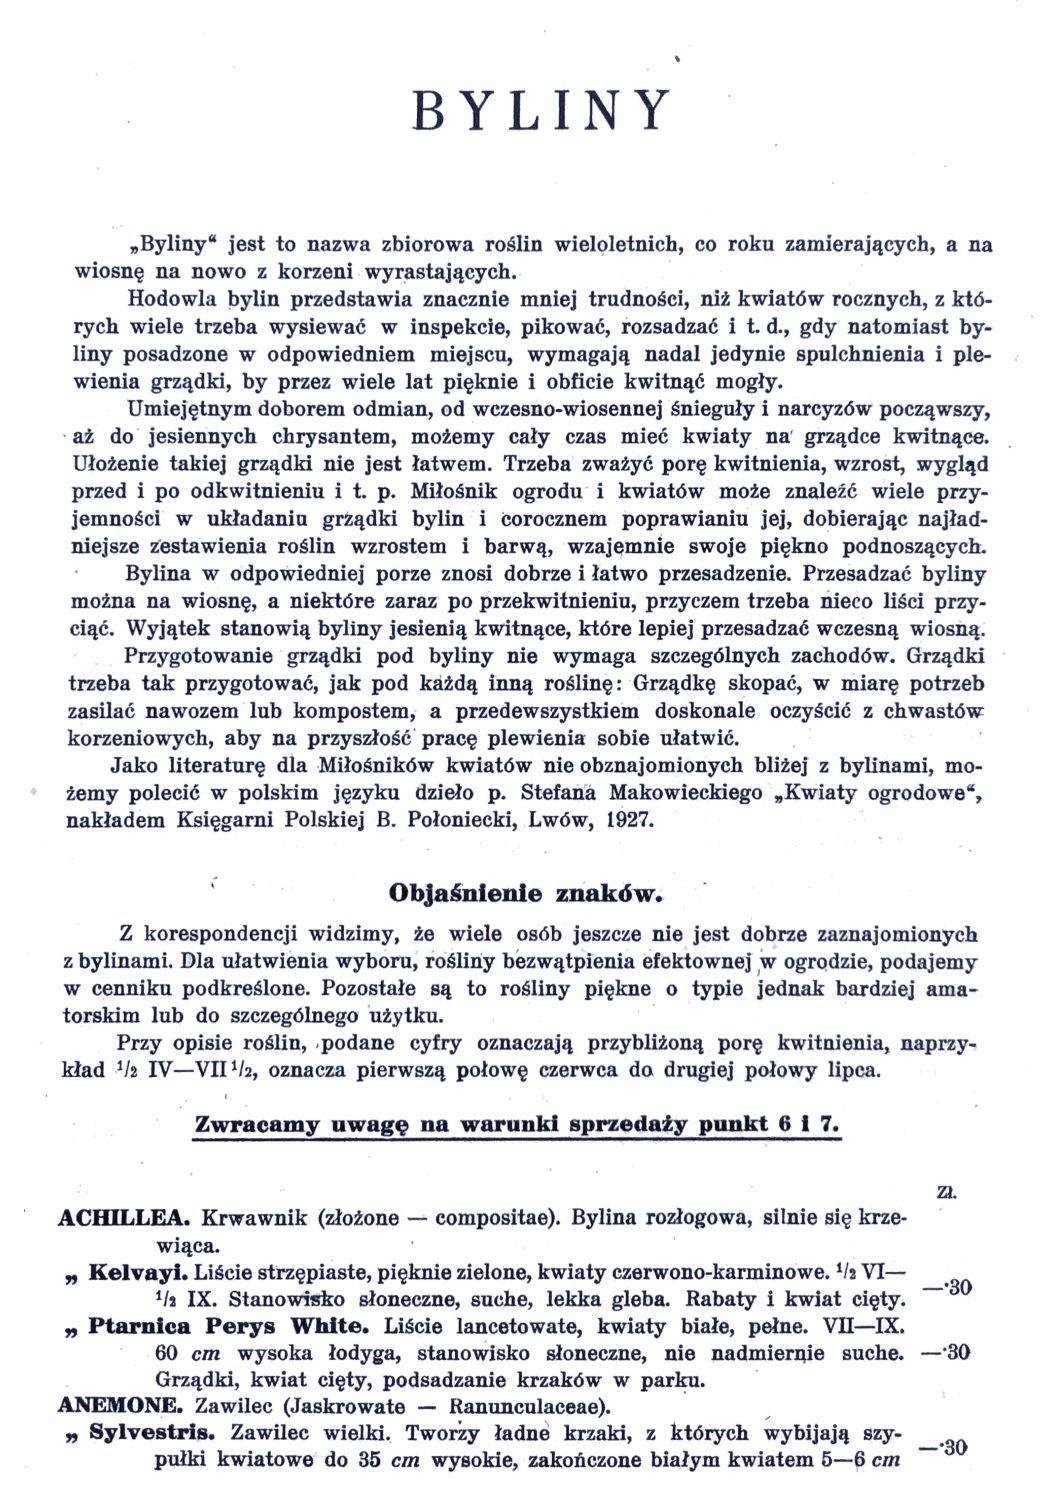 Cennik szkółek ogrodniczych Stanisława Dzieduszyckiego 27